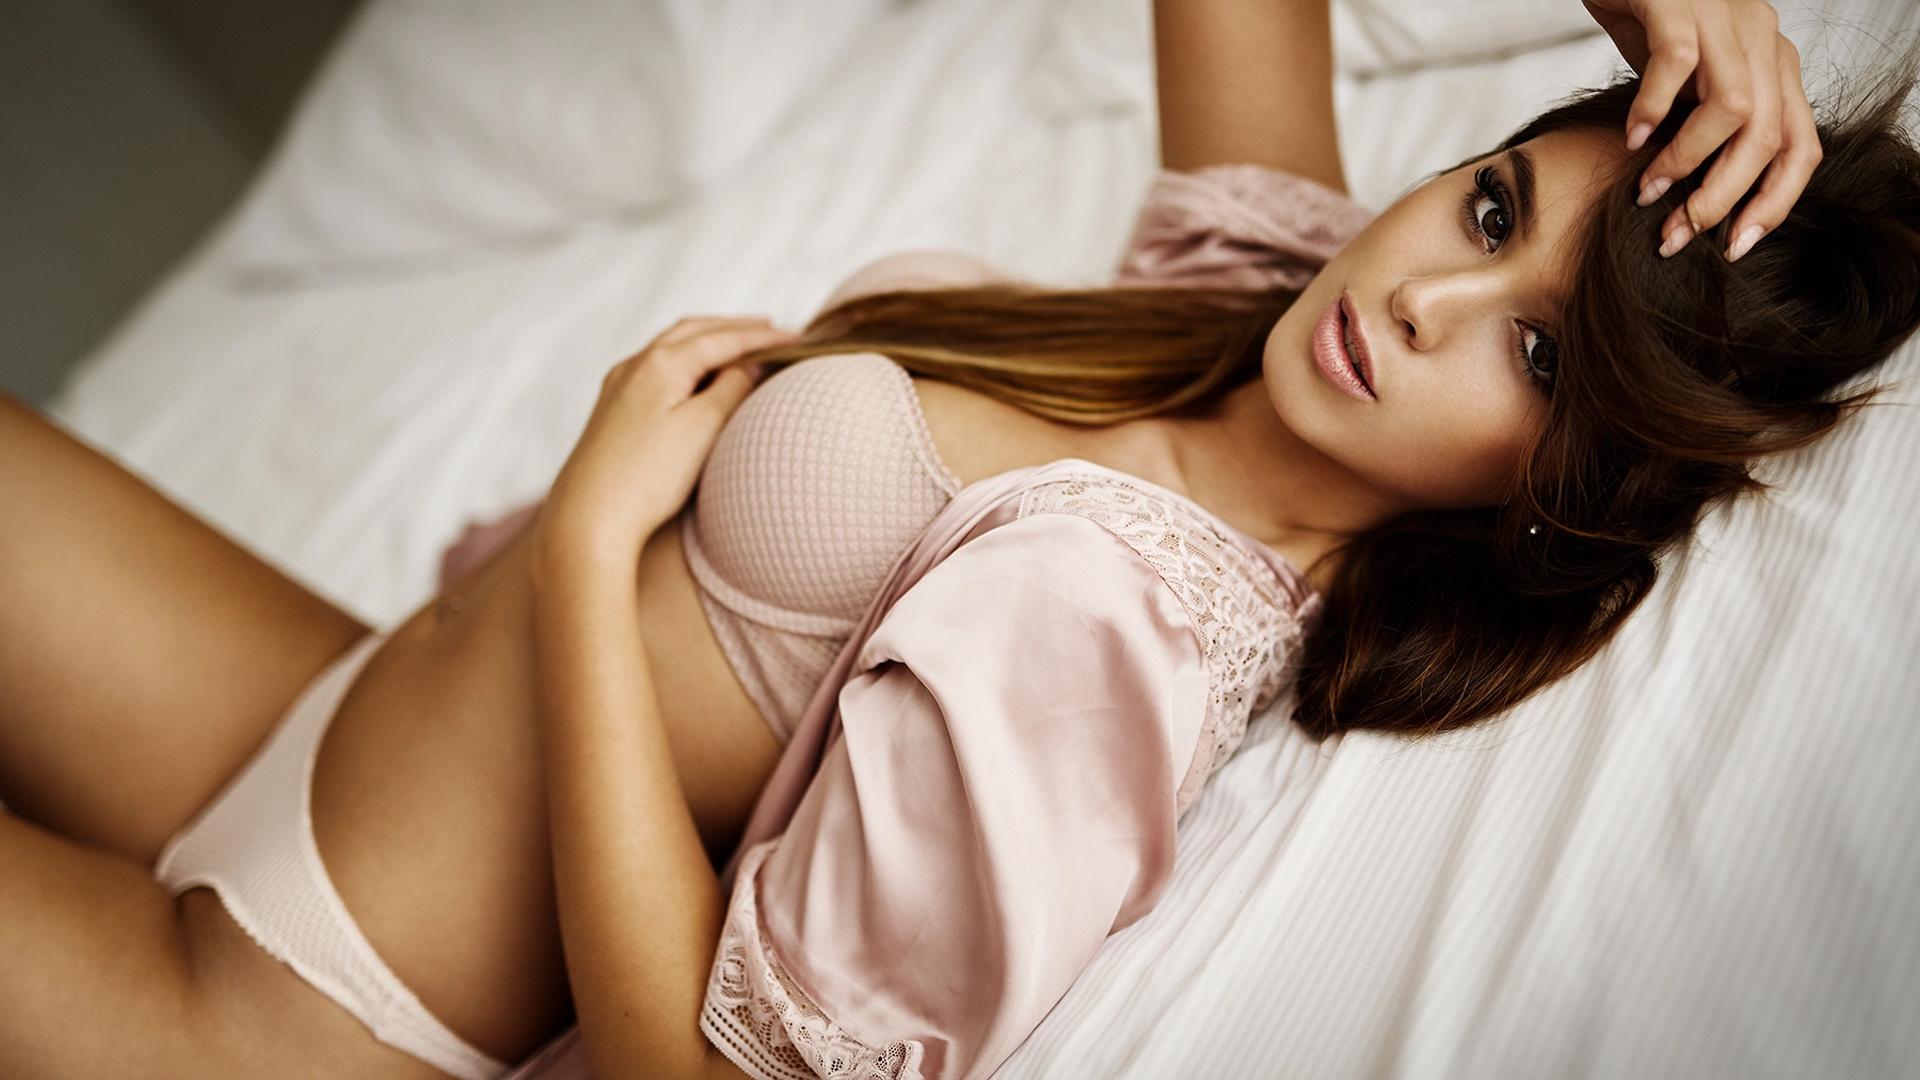 Фото женского нижнего белья в постели — photo 3